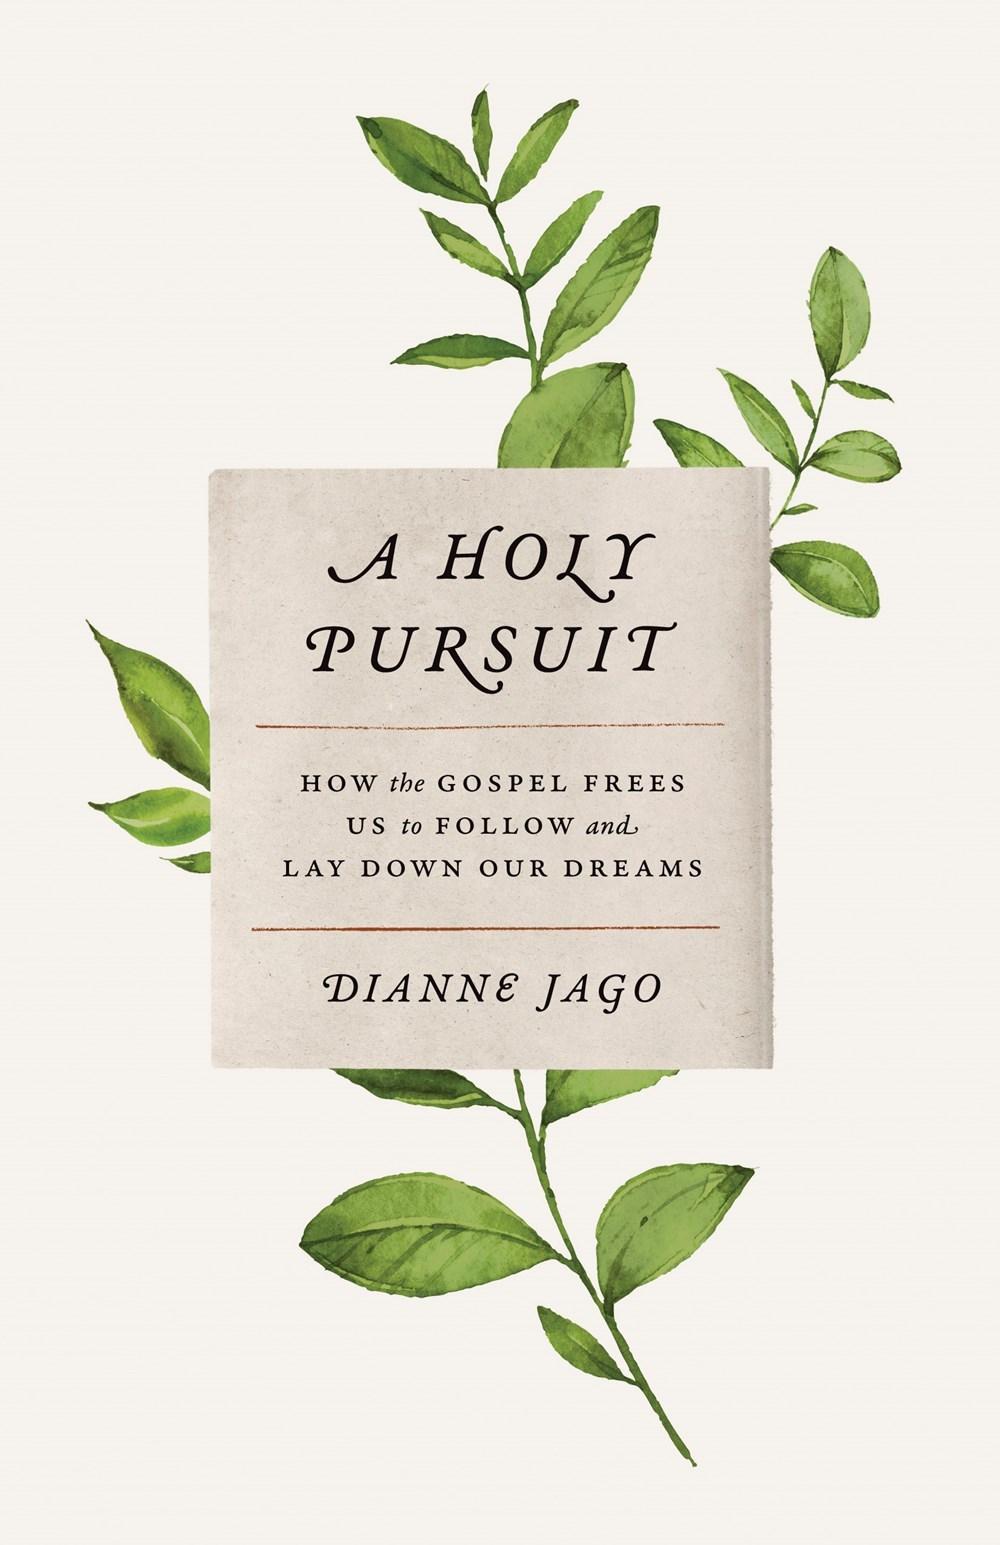 A Holy Pursuit